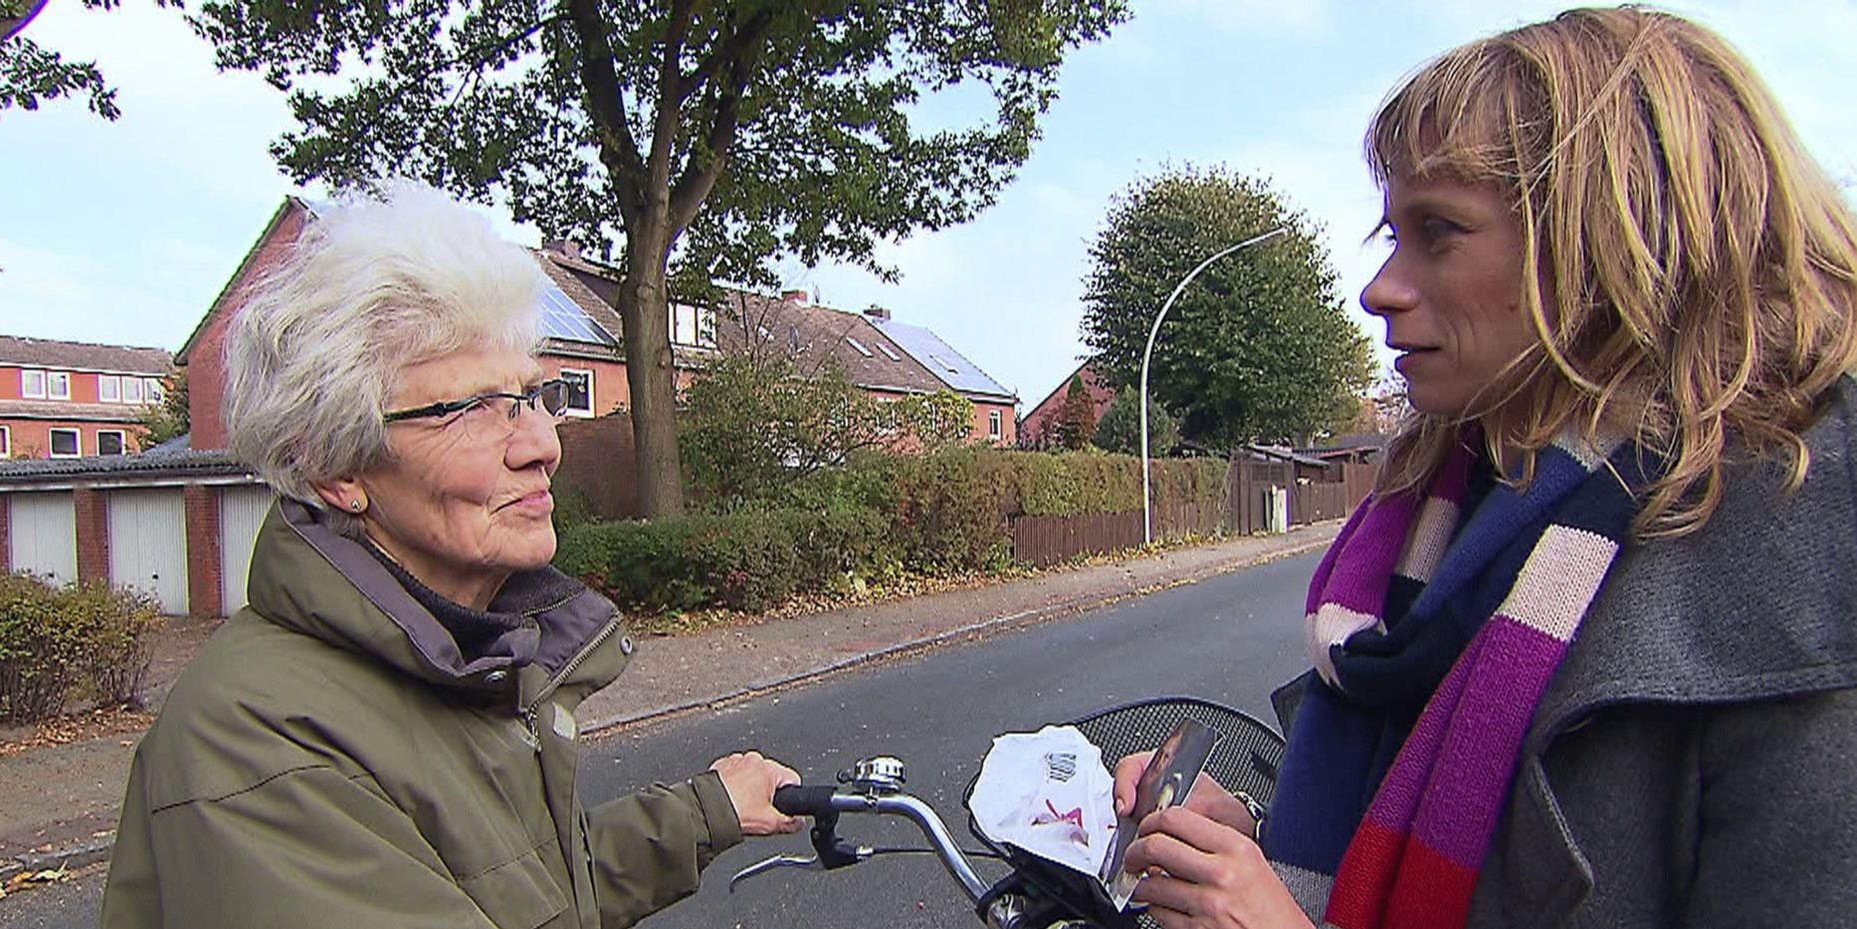 Sandra Eckardt fragt eine Passantin, ob sie Alfred auf dem Foto wiedererkennt